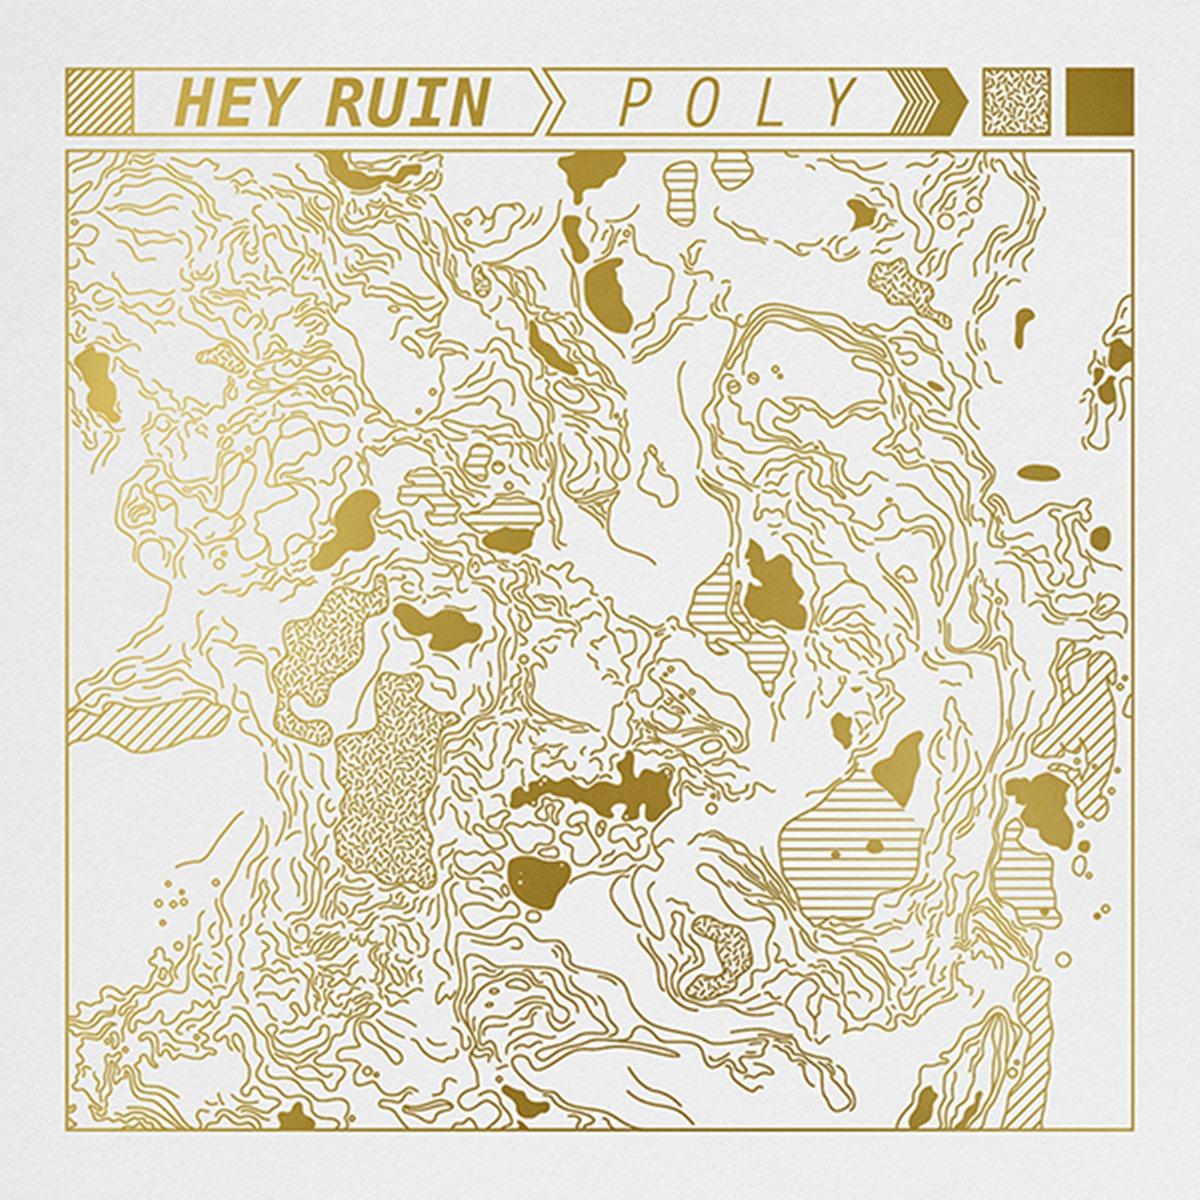 Hey Ruin